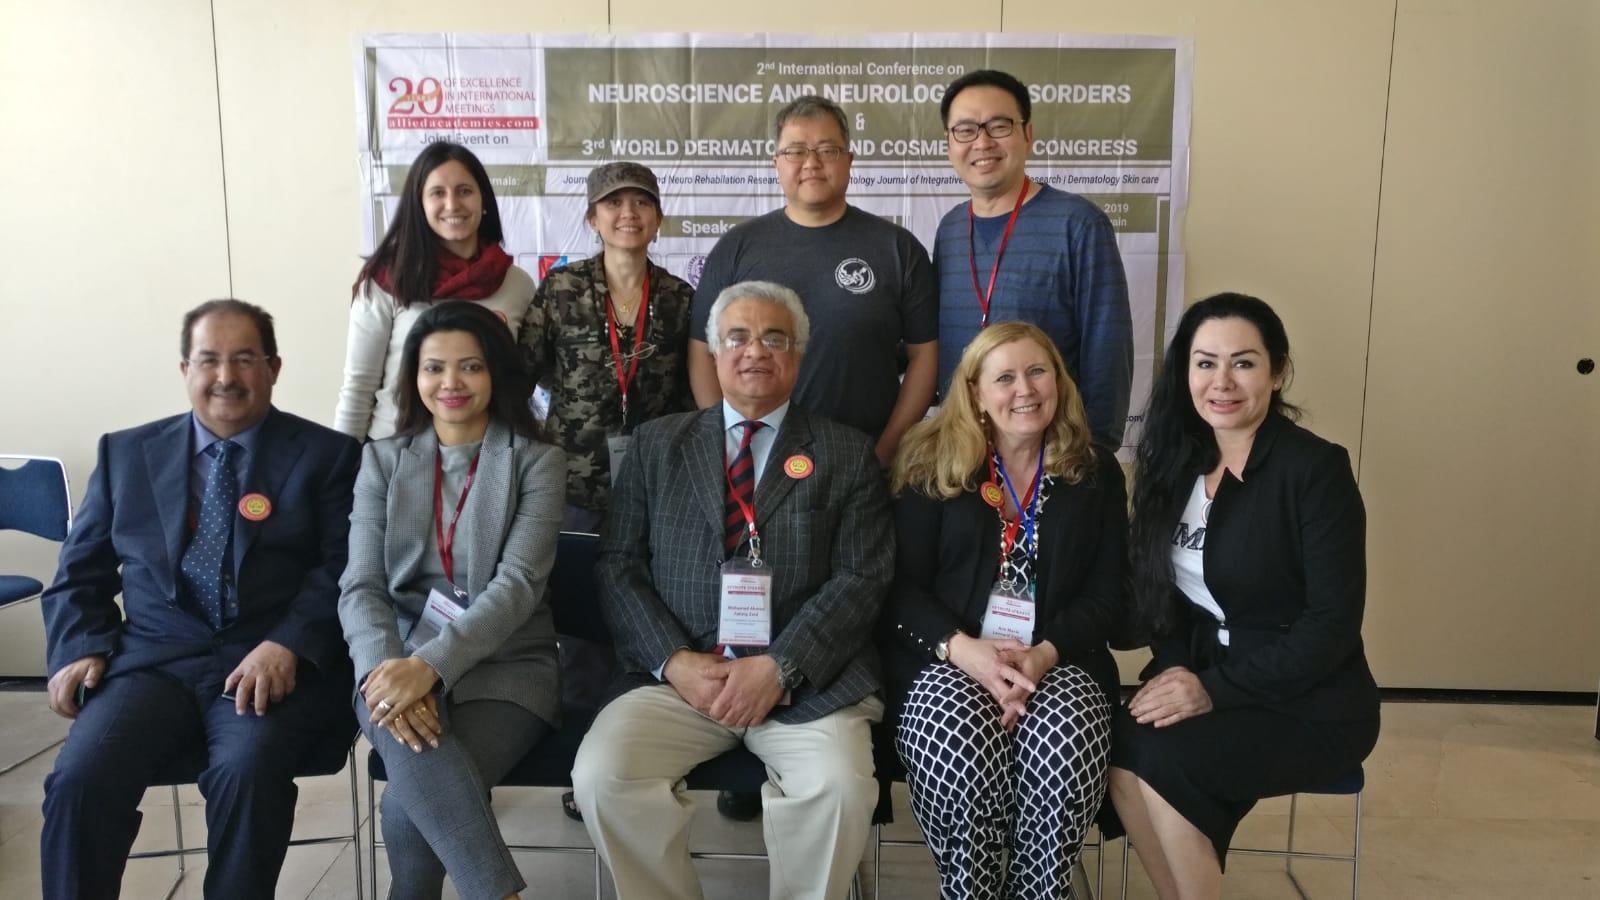 Neuroscience Congress 2019 Photos